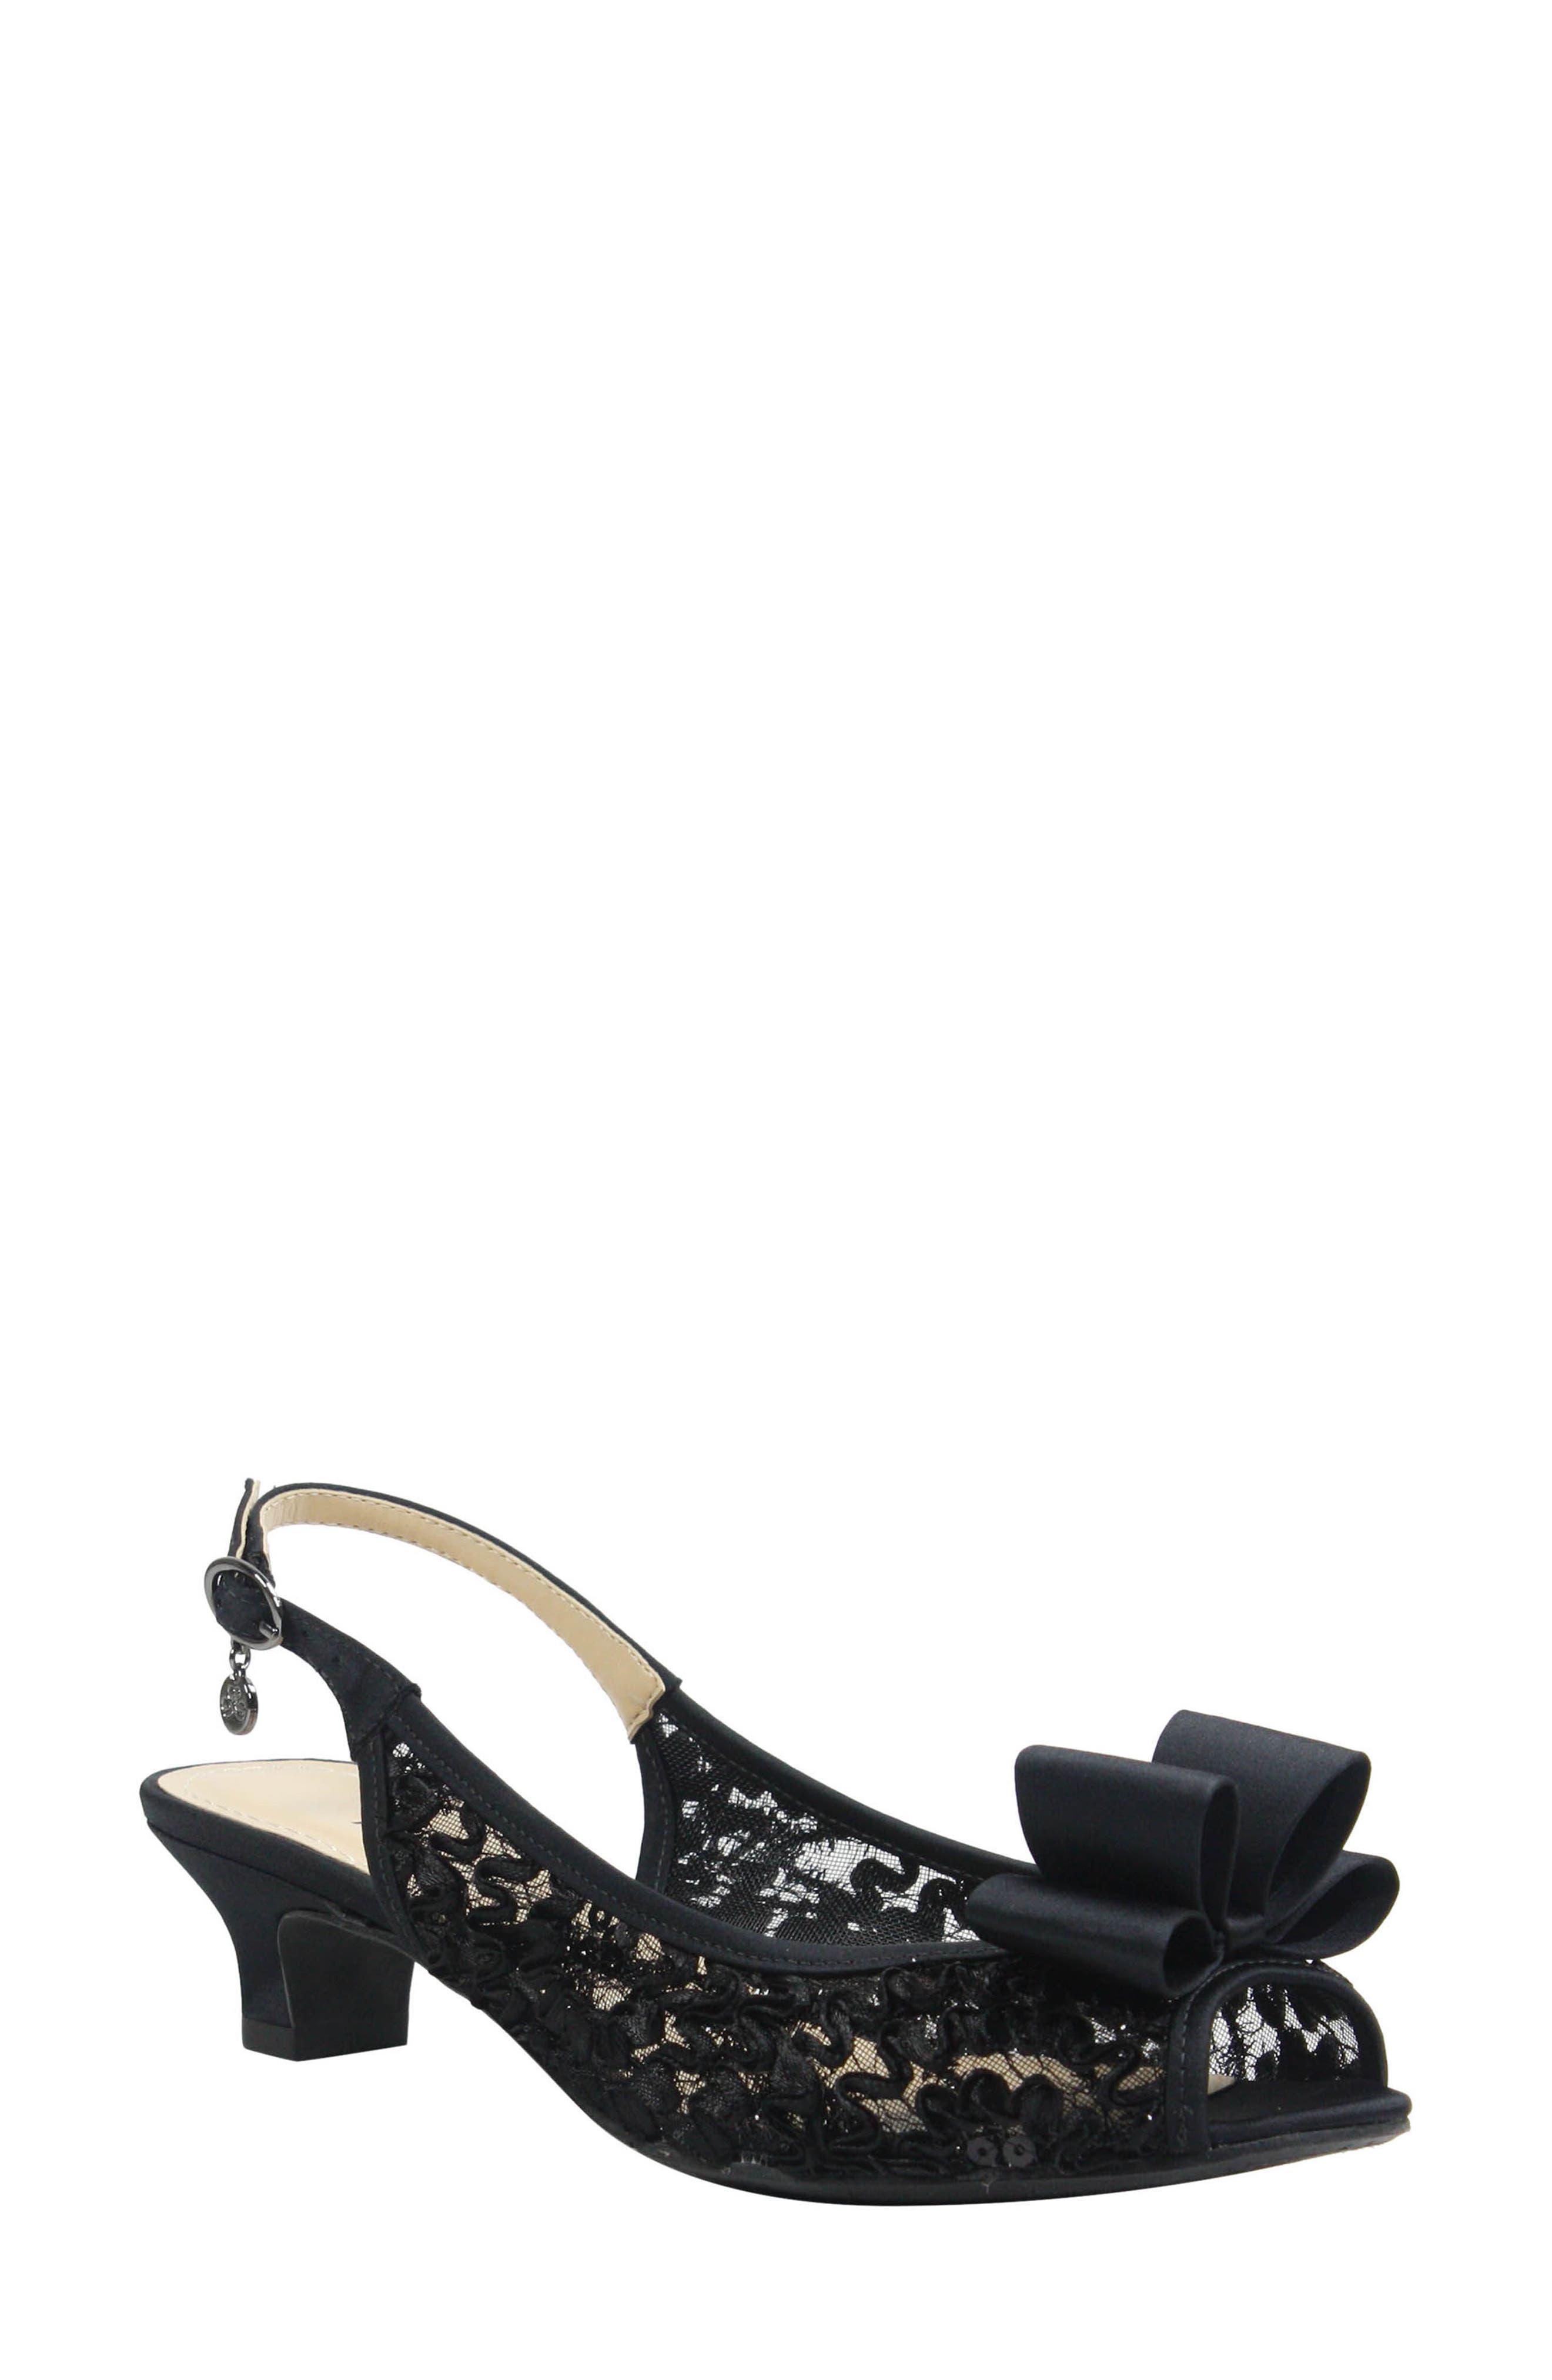 Landan Bow Slingback Sandal,                             Main thumbnail 1, color,                             Black Lace